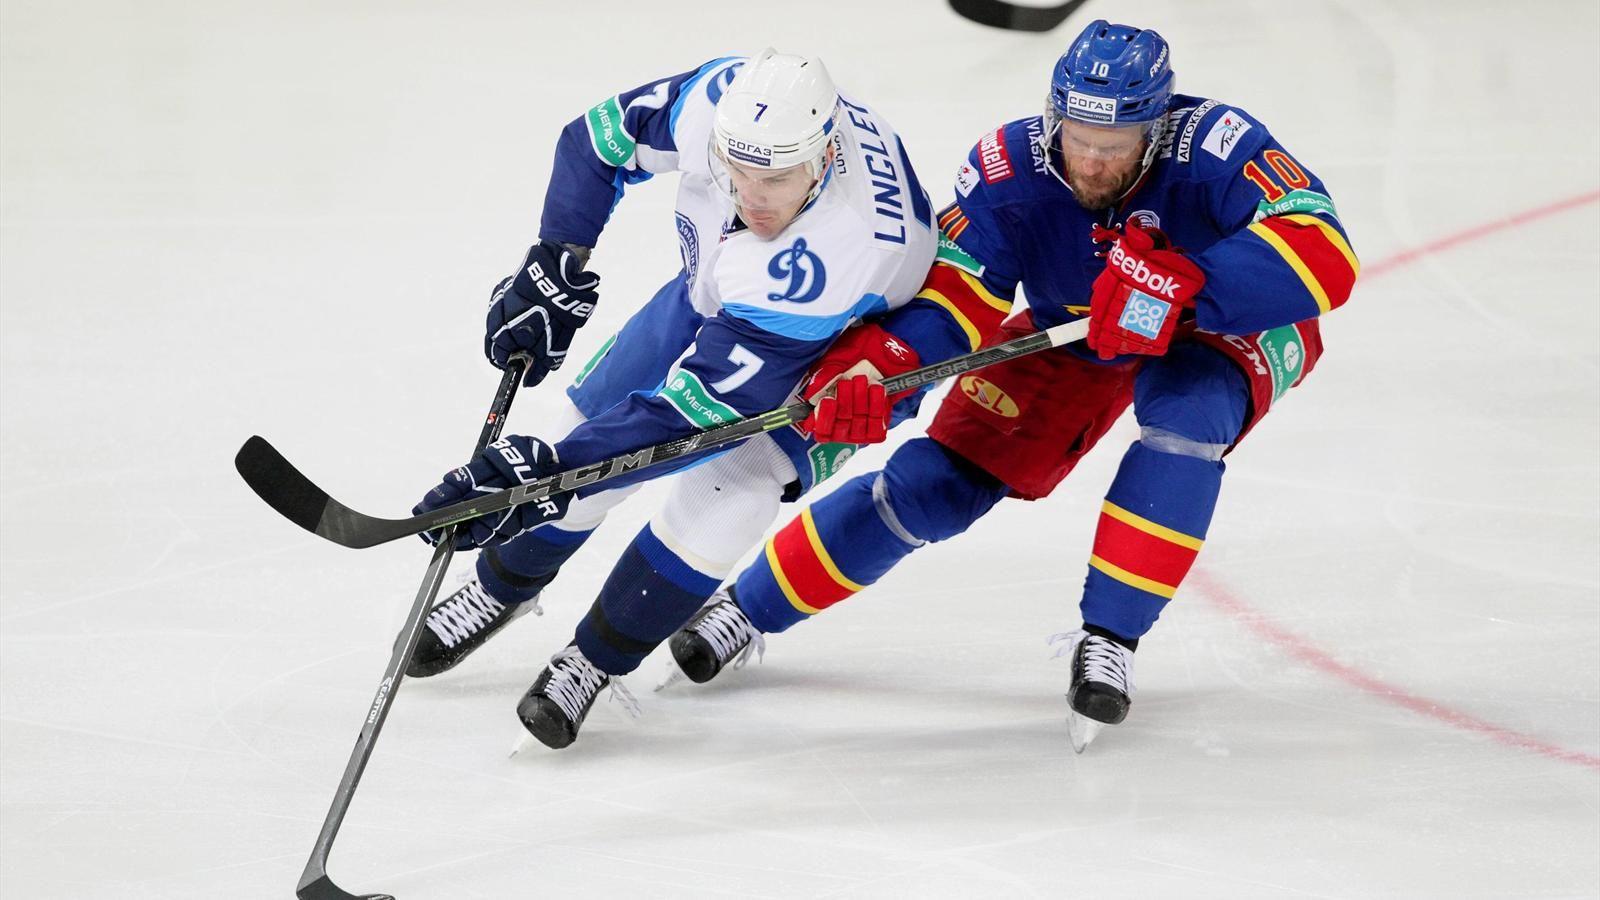 Прогнозы на хоккей КХЛ: «Динамо Москва» — «Йокерит»